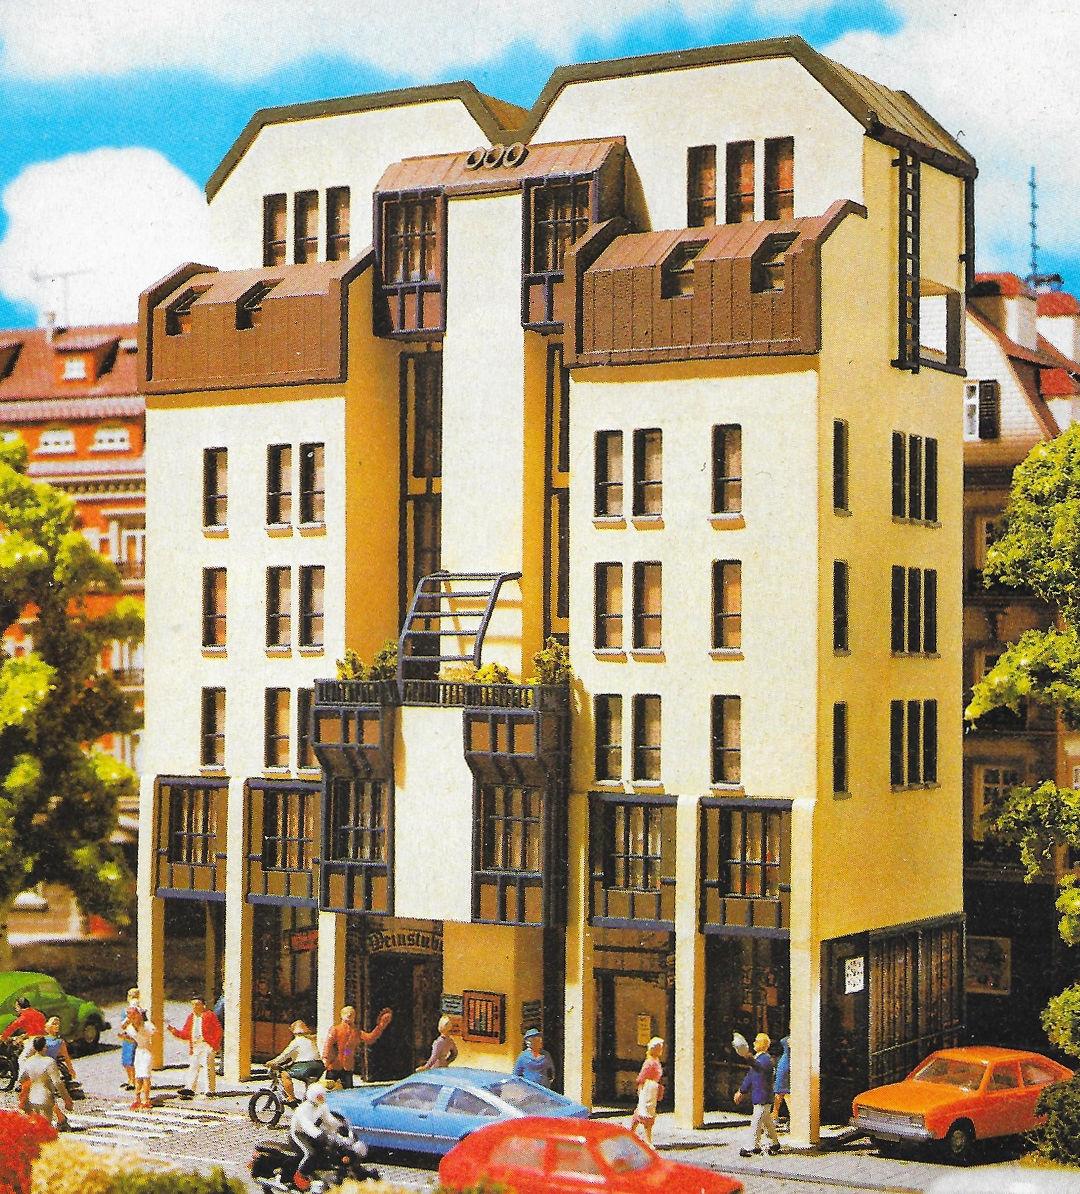 Vollmer-FutureLine, City-Wohnhaus (Bild: Vollmer-Katalog 1987, privat)